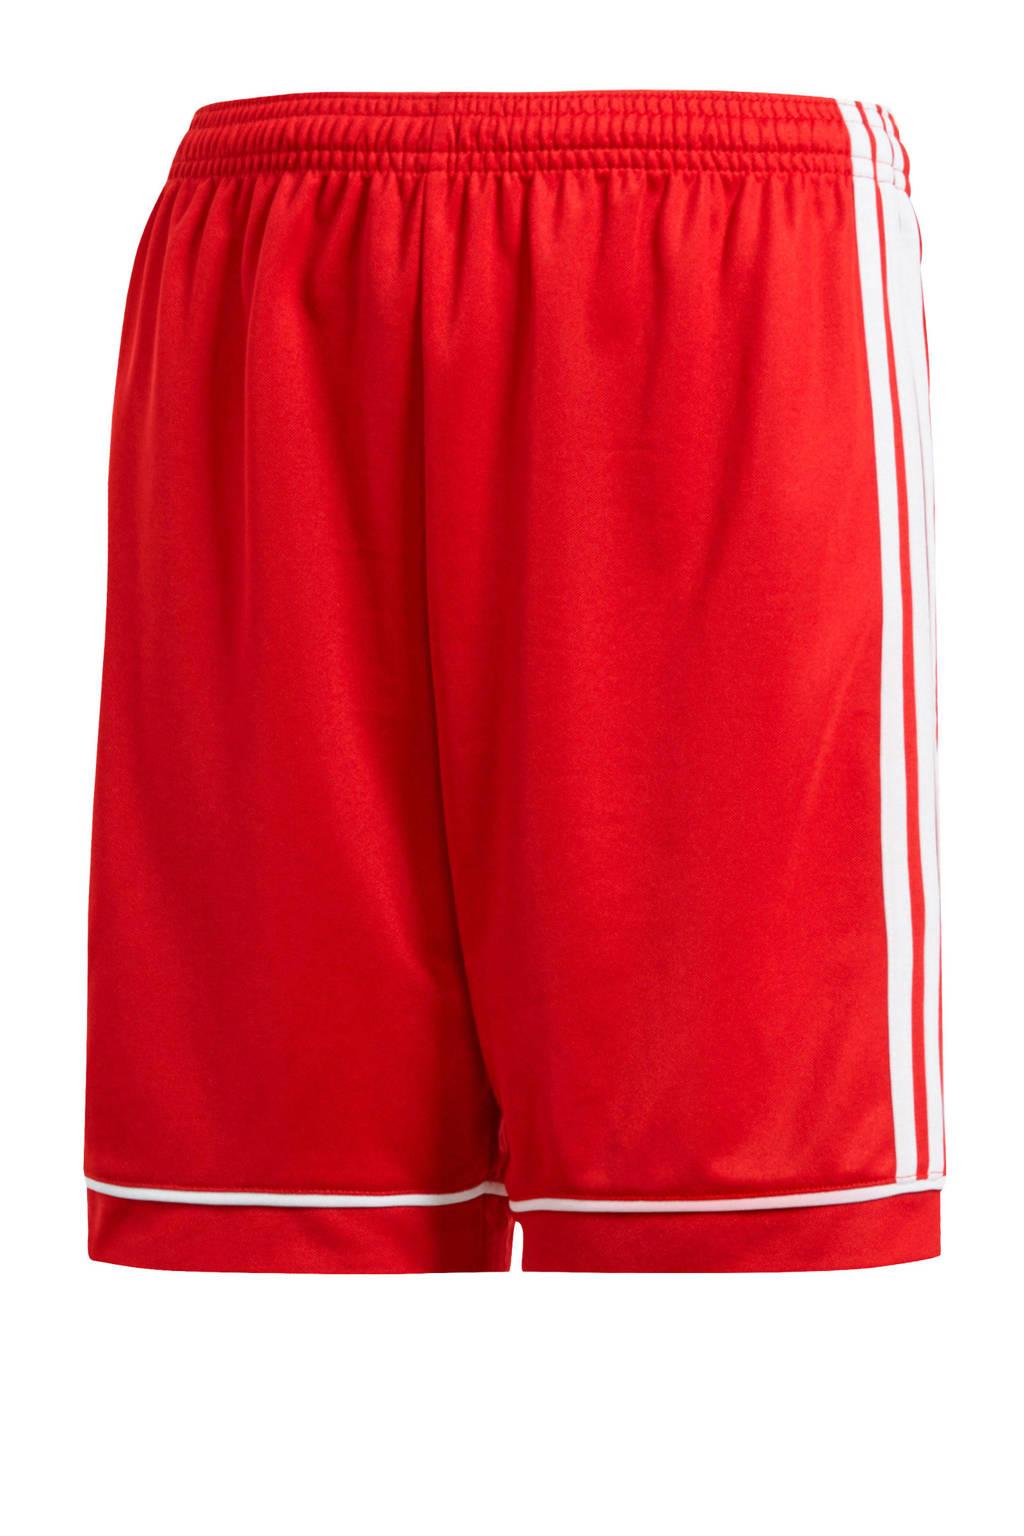 adidas Performance Junior  voetbalshort rood, Rood